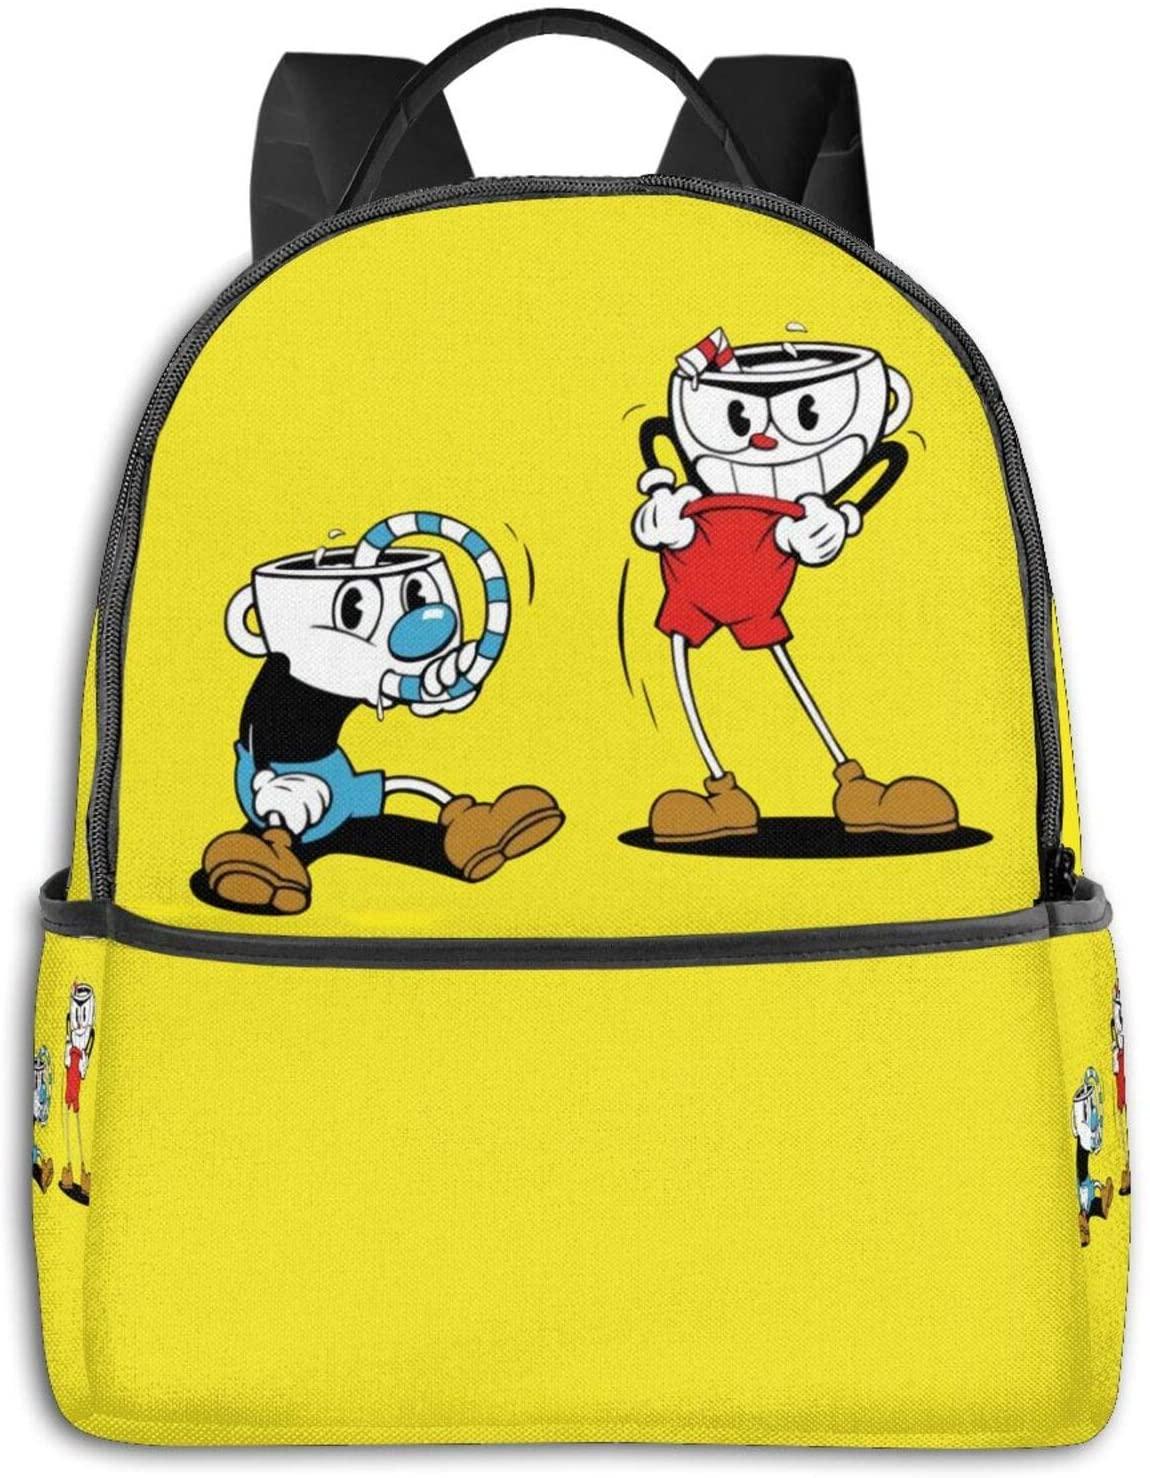 Tenghui Backpacks Cuphead Casual Backpacks, Student School Bags